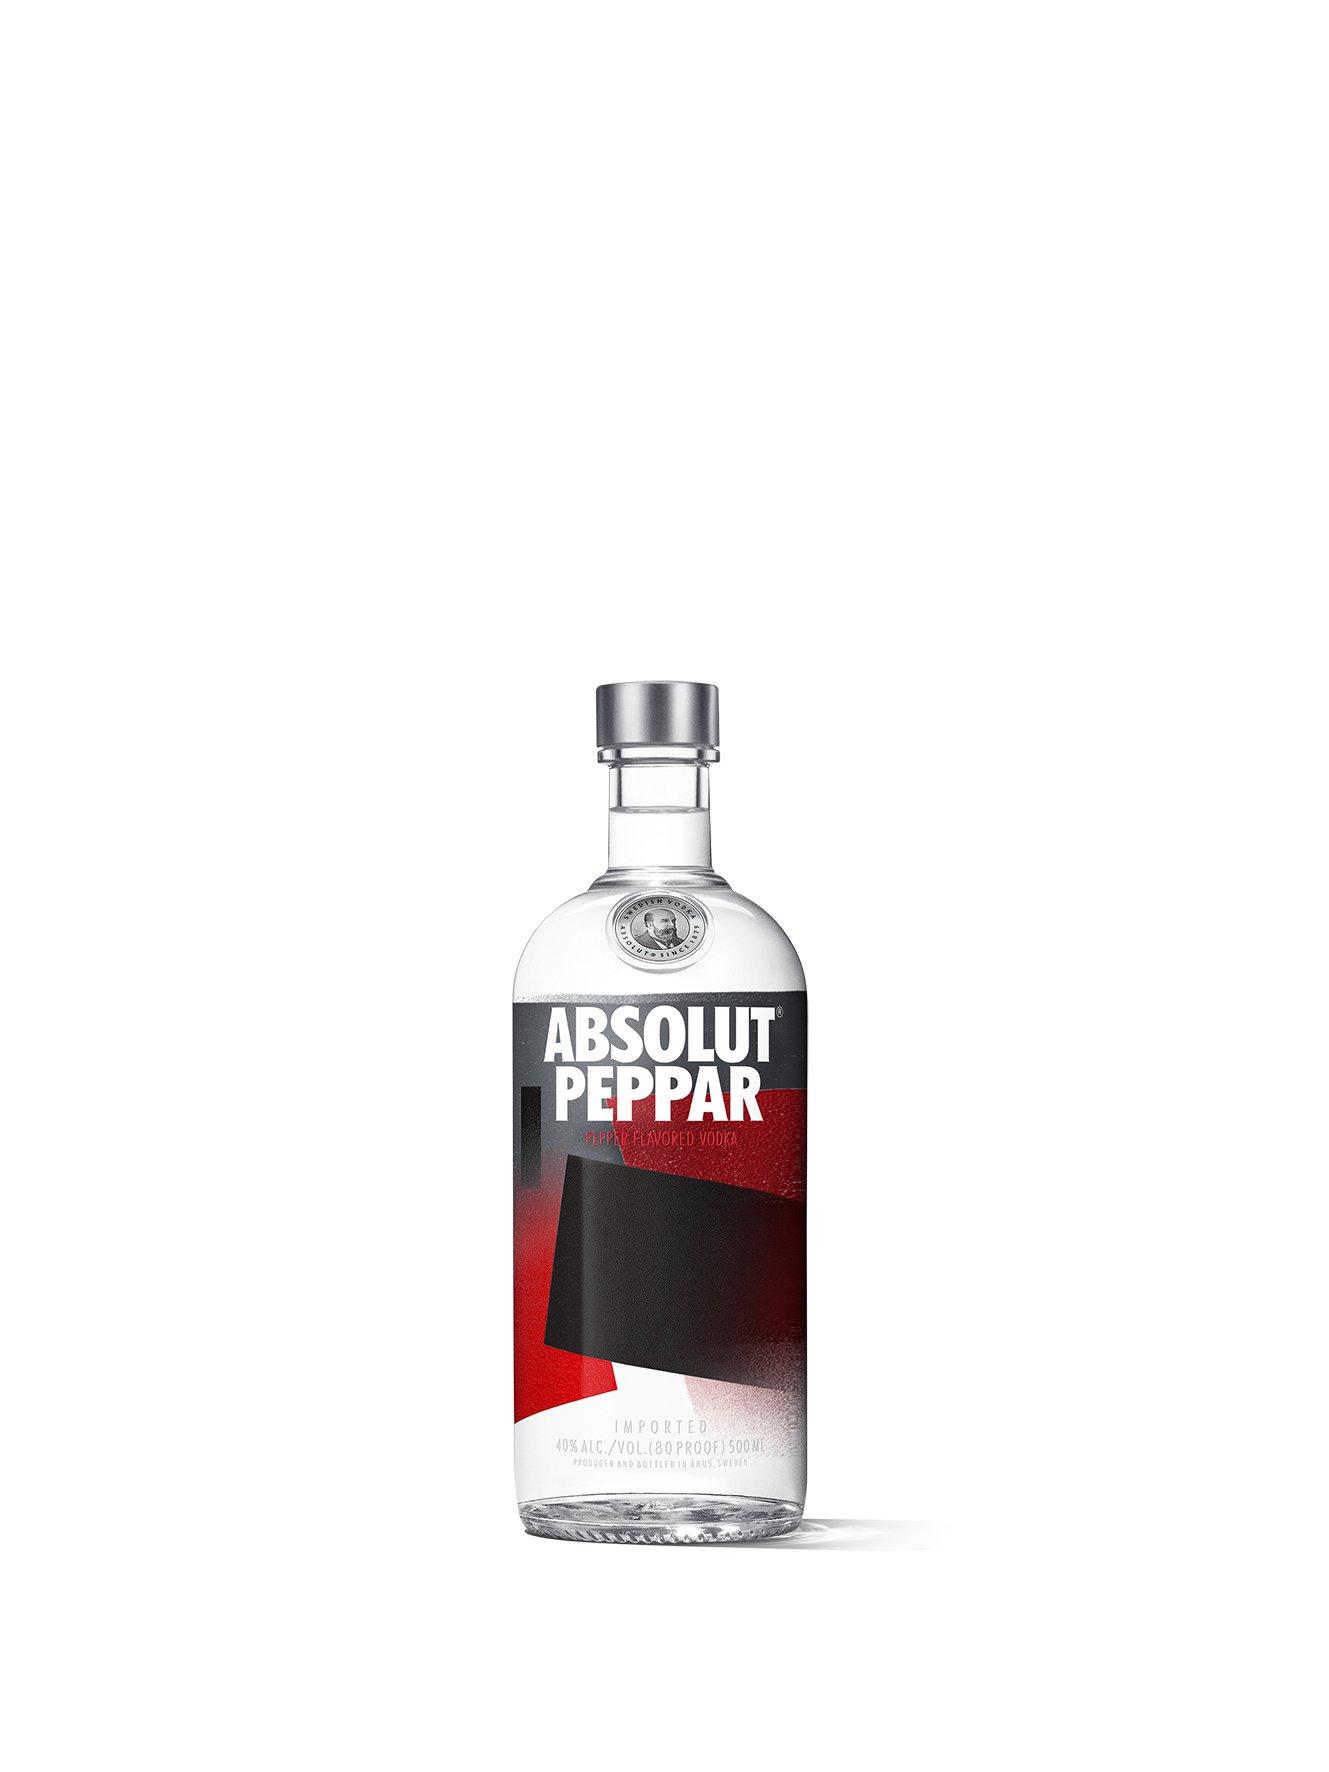 Absolut-Peppar–Absolut-Vodka-mit-Pfefferaroma-ideal-fr-Bloody-Mary-Liebhaber–Absolute-Reinheit-und-einzigartiger-Geschmack-in-ikonischer-Apothekerflasche–1-x-05-L